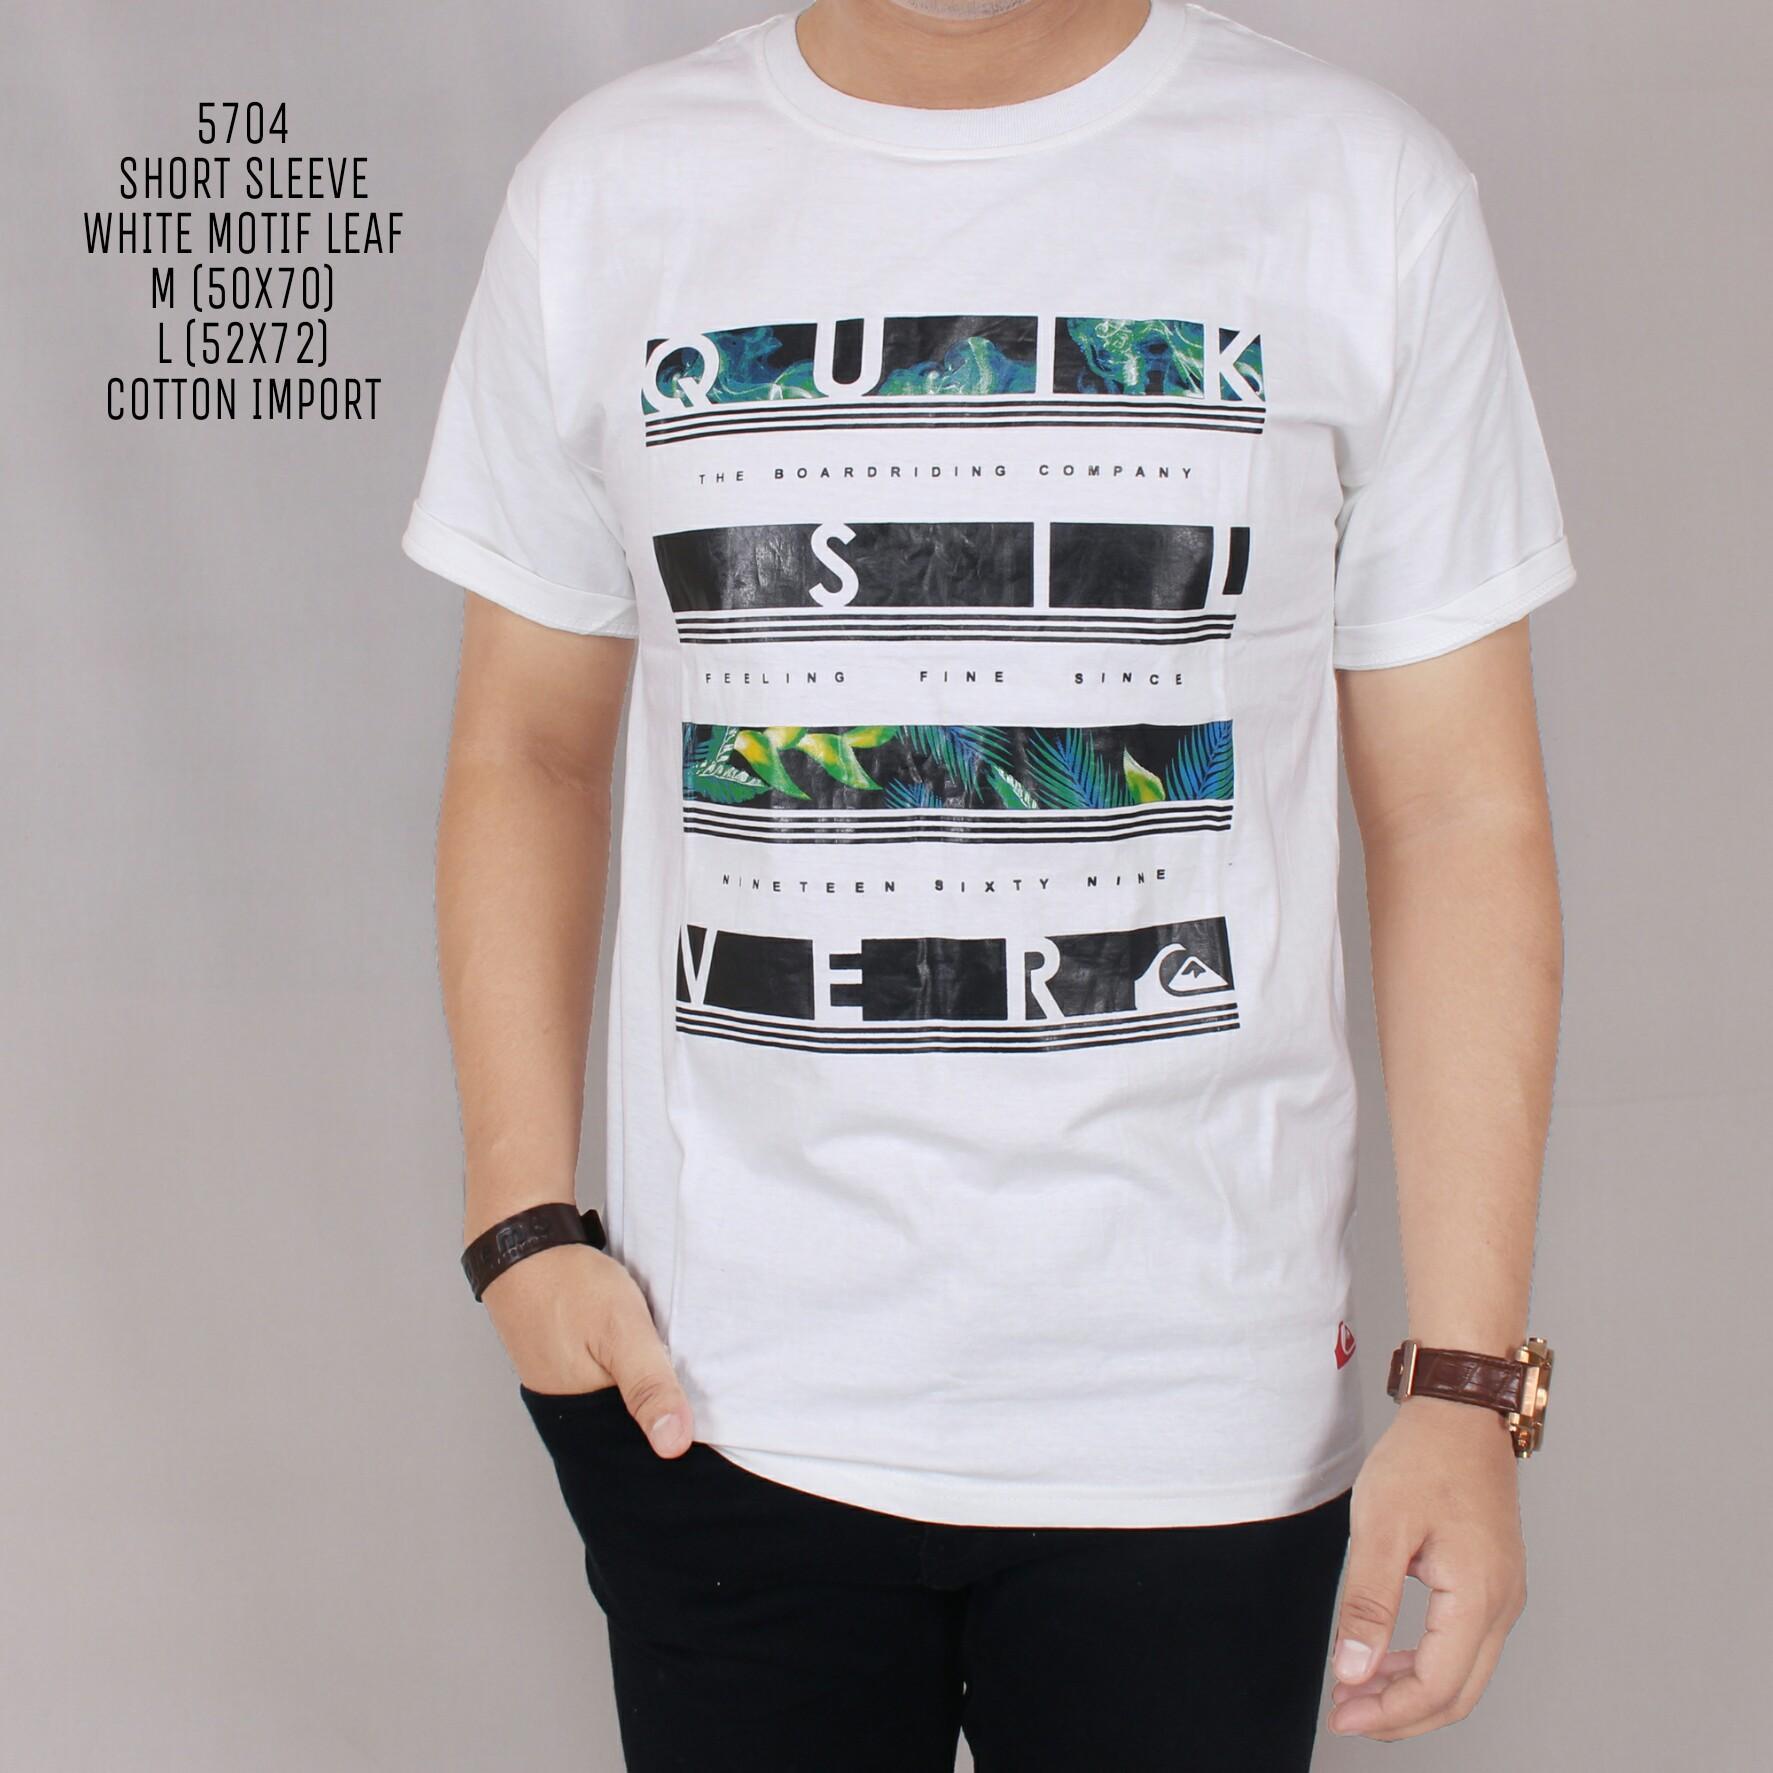 Zoeystore1 5704 Kaos Pria Lengan Pendek Kaos Exclusive Lengan Pendek Baju Kaos Cowok Trendy Motif Leaf